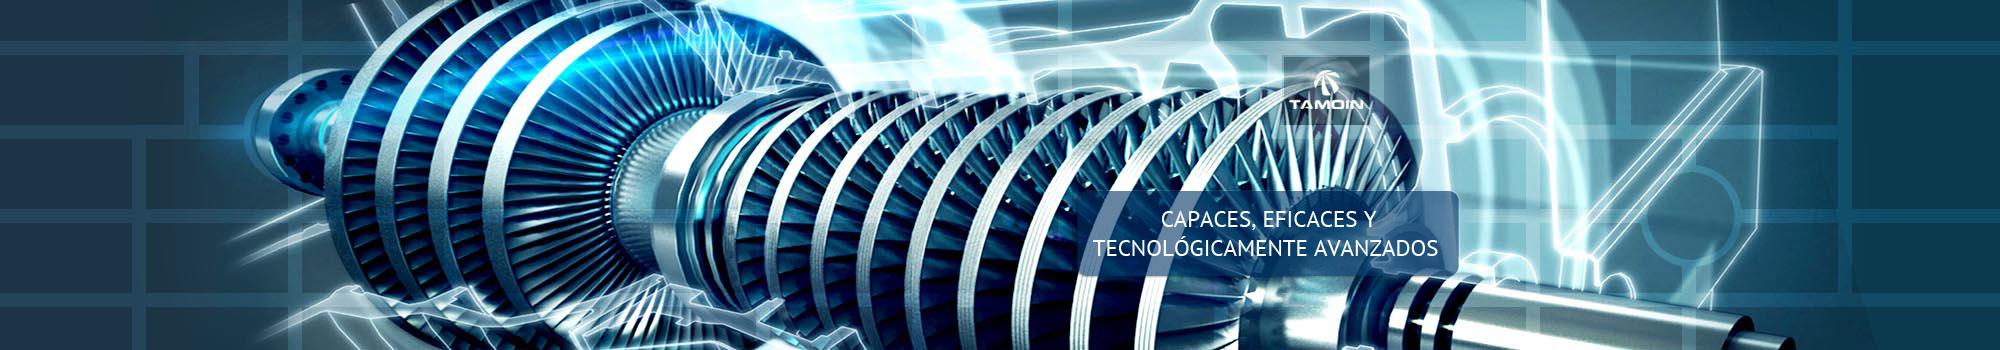 SLD_1_img350_turbina_CA_